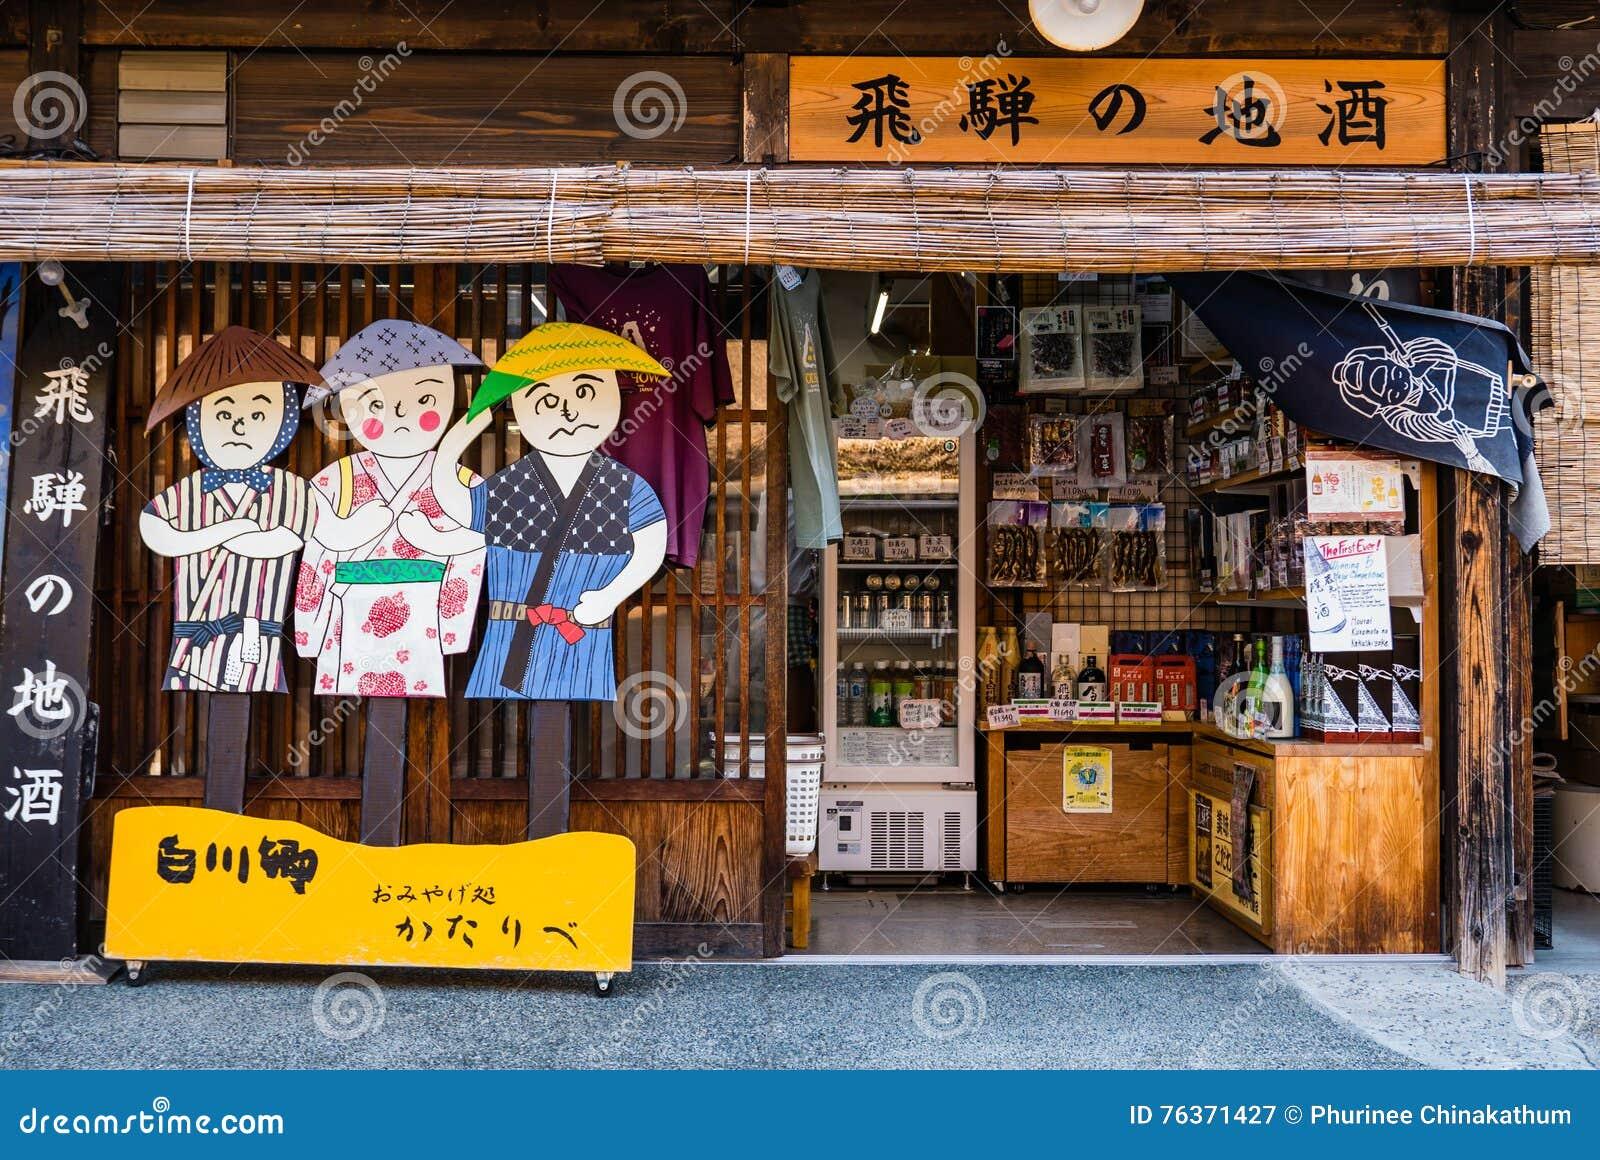 Shop in Shirakawa-go